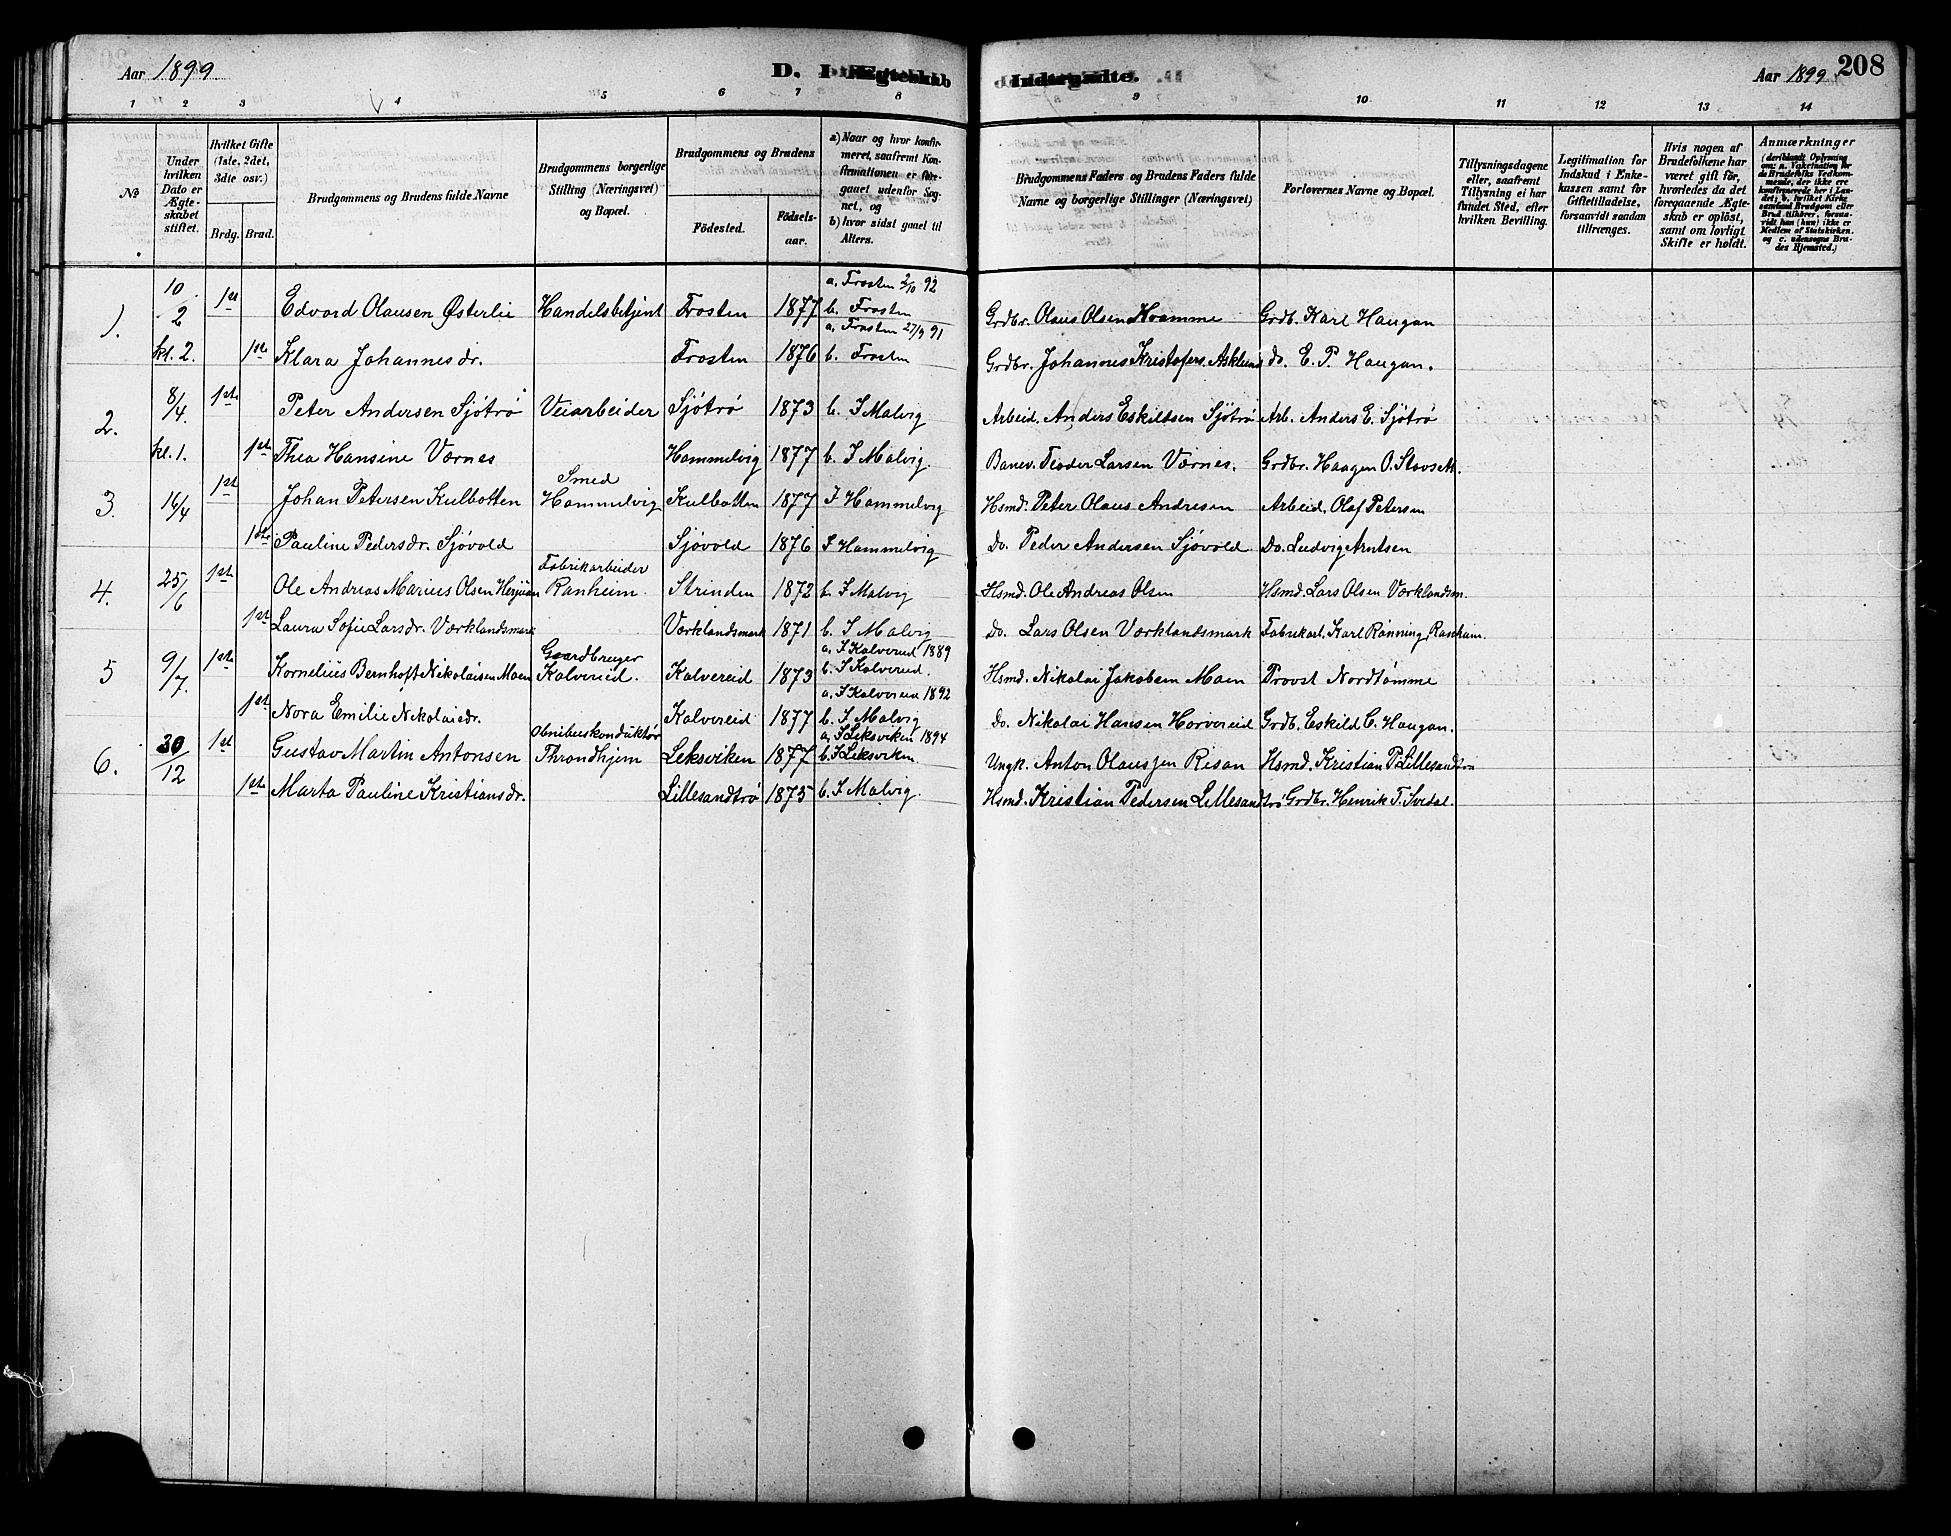 SAT, Ministerialprotokoller, klokkerbøker og fødselsregistre - Sør-Trøndelag, 616/L0423: Klokkerbok nr. 616C06, 1878-1903, s. 208